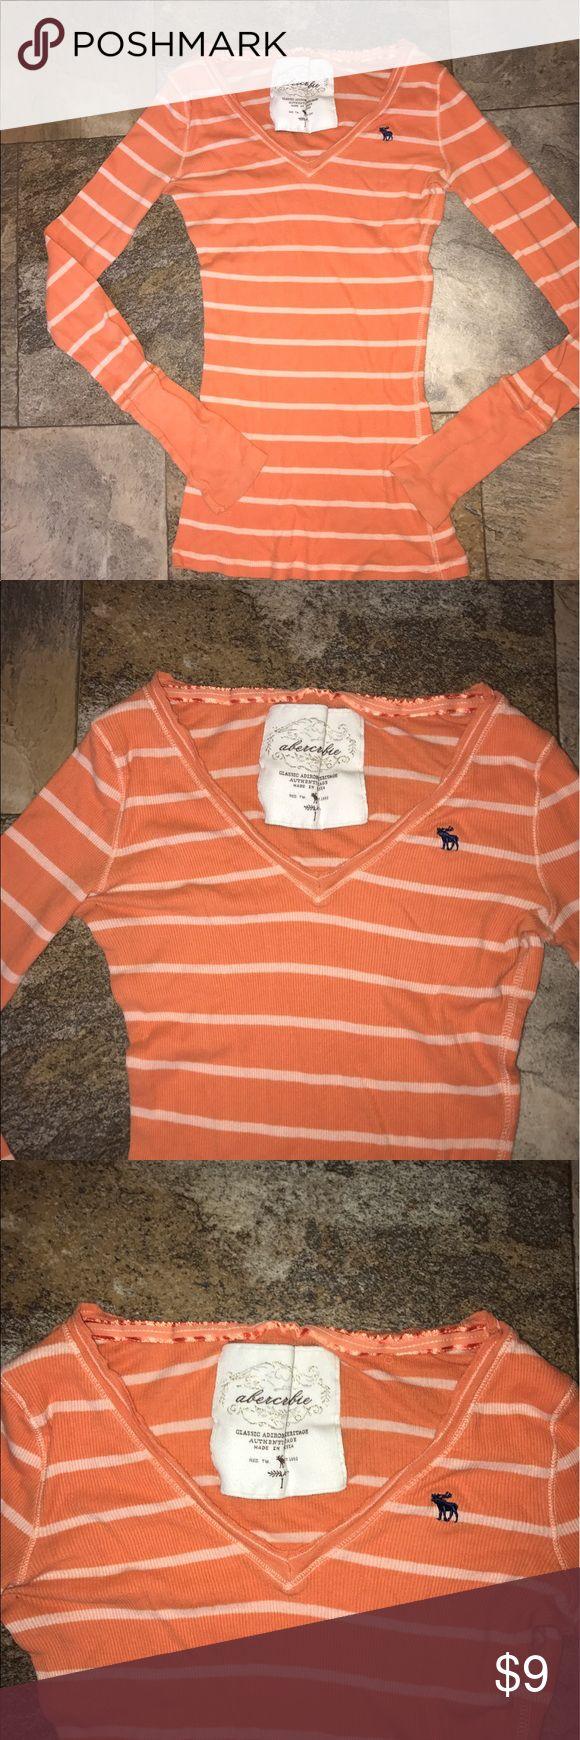 Abercrombie girls shirt euc large Abercrombie girls shirt euc large Abercombie Kids Shirts & Tops Tees - Long Sleeve